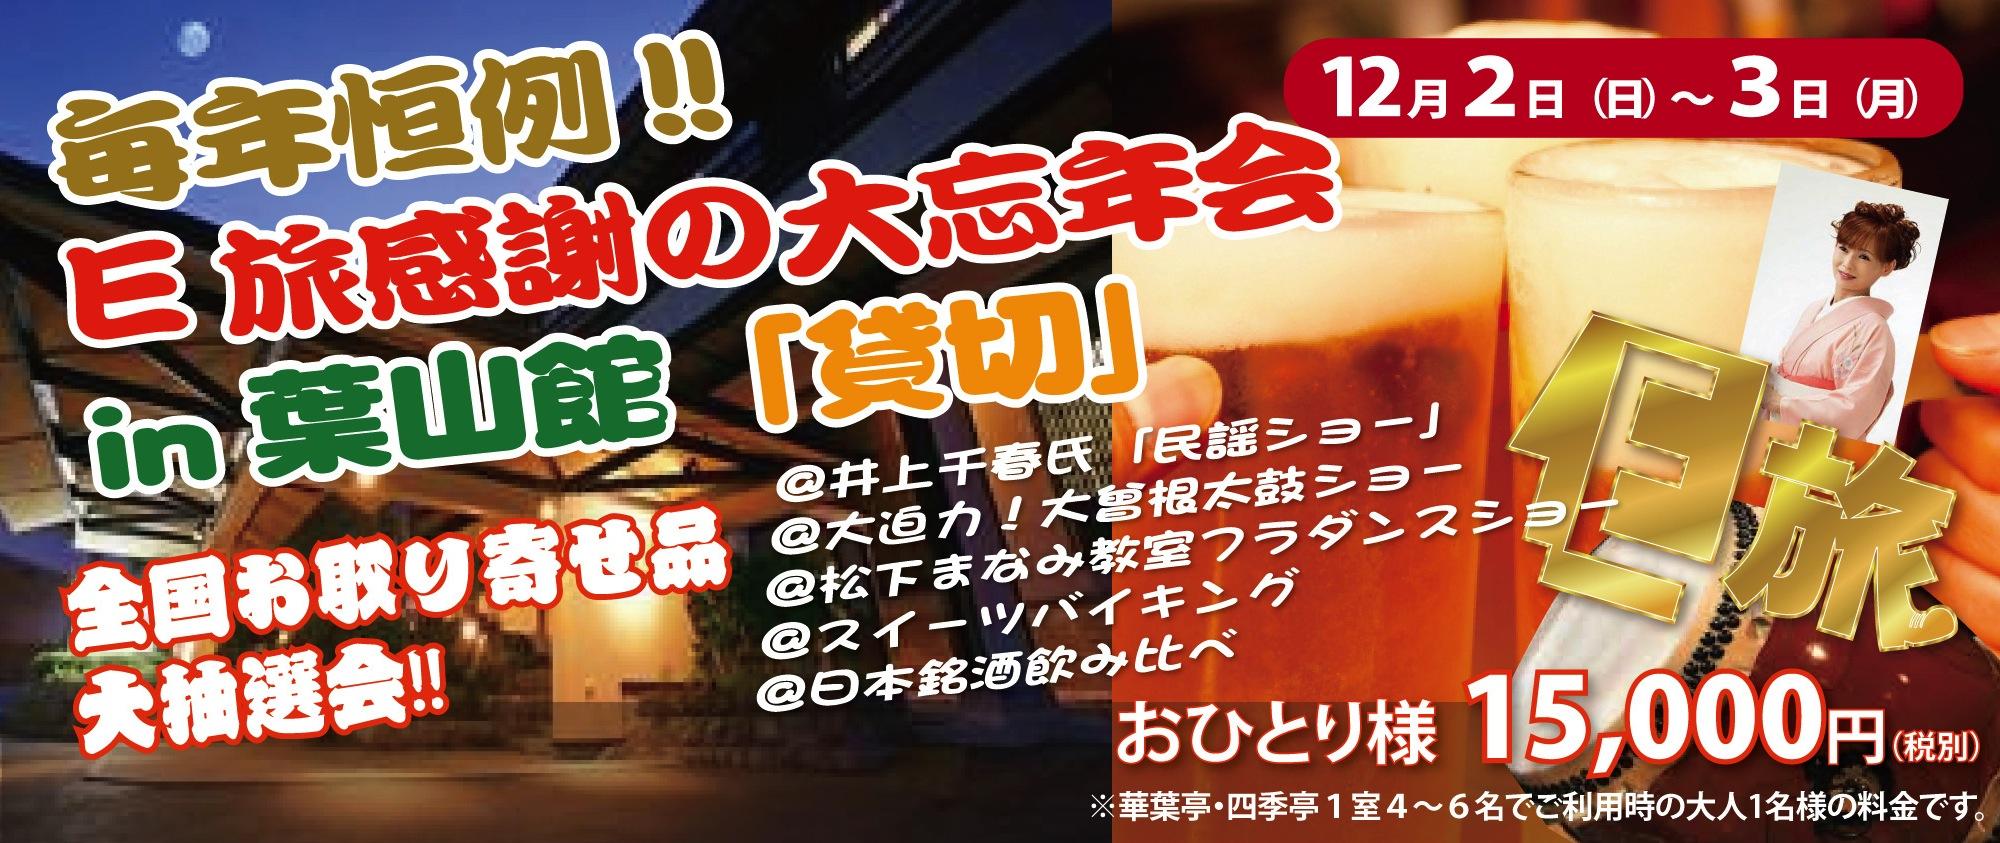 毎年恒例!!E旅感謝の大忘年会in葉山館「貸切」12月2日(日)